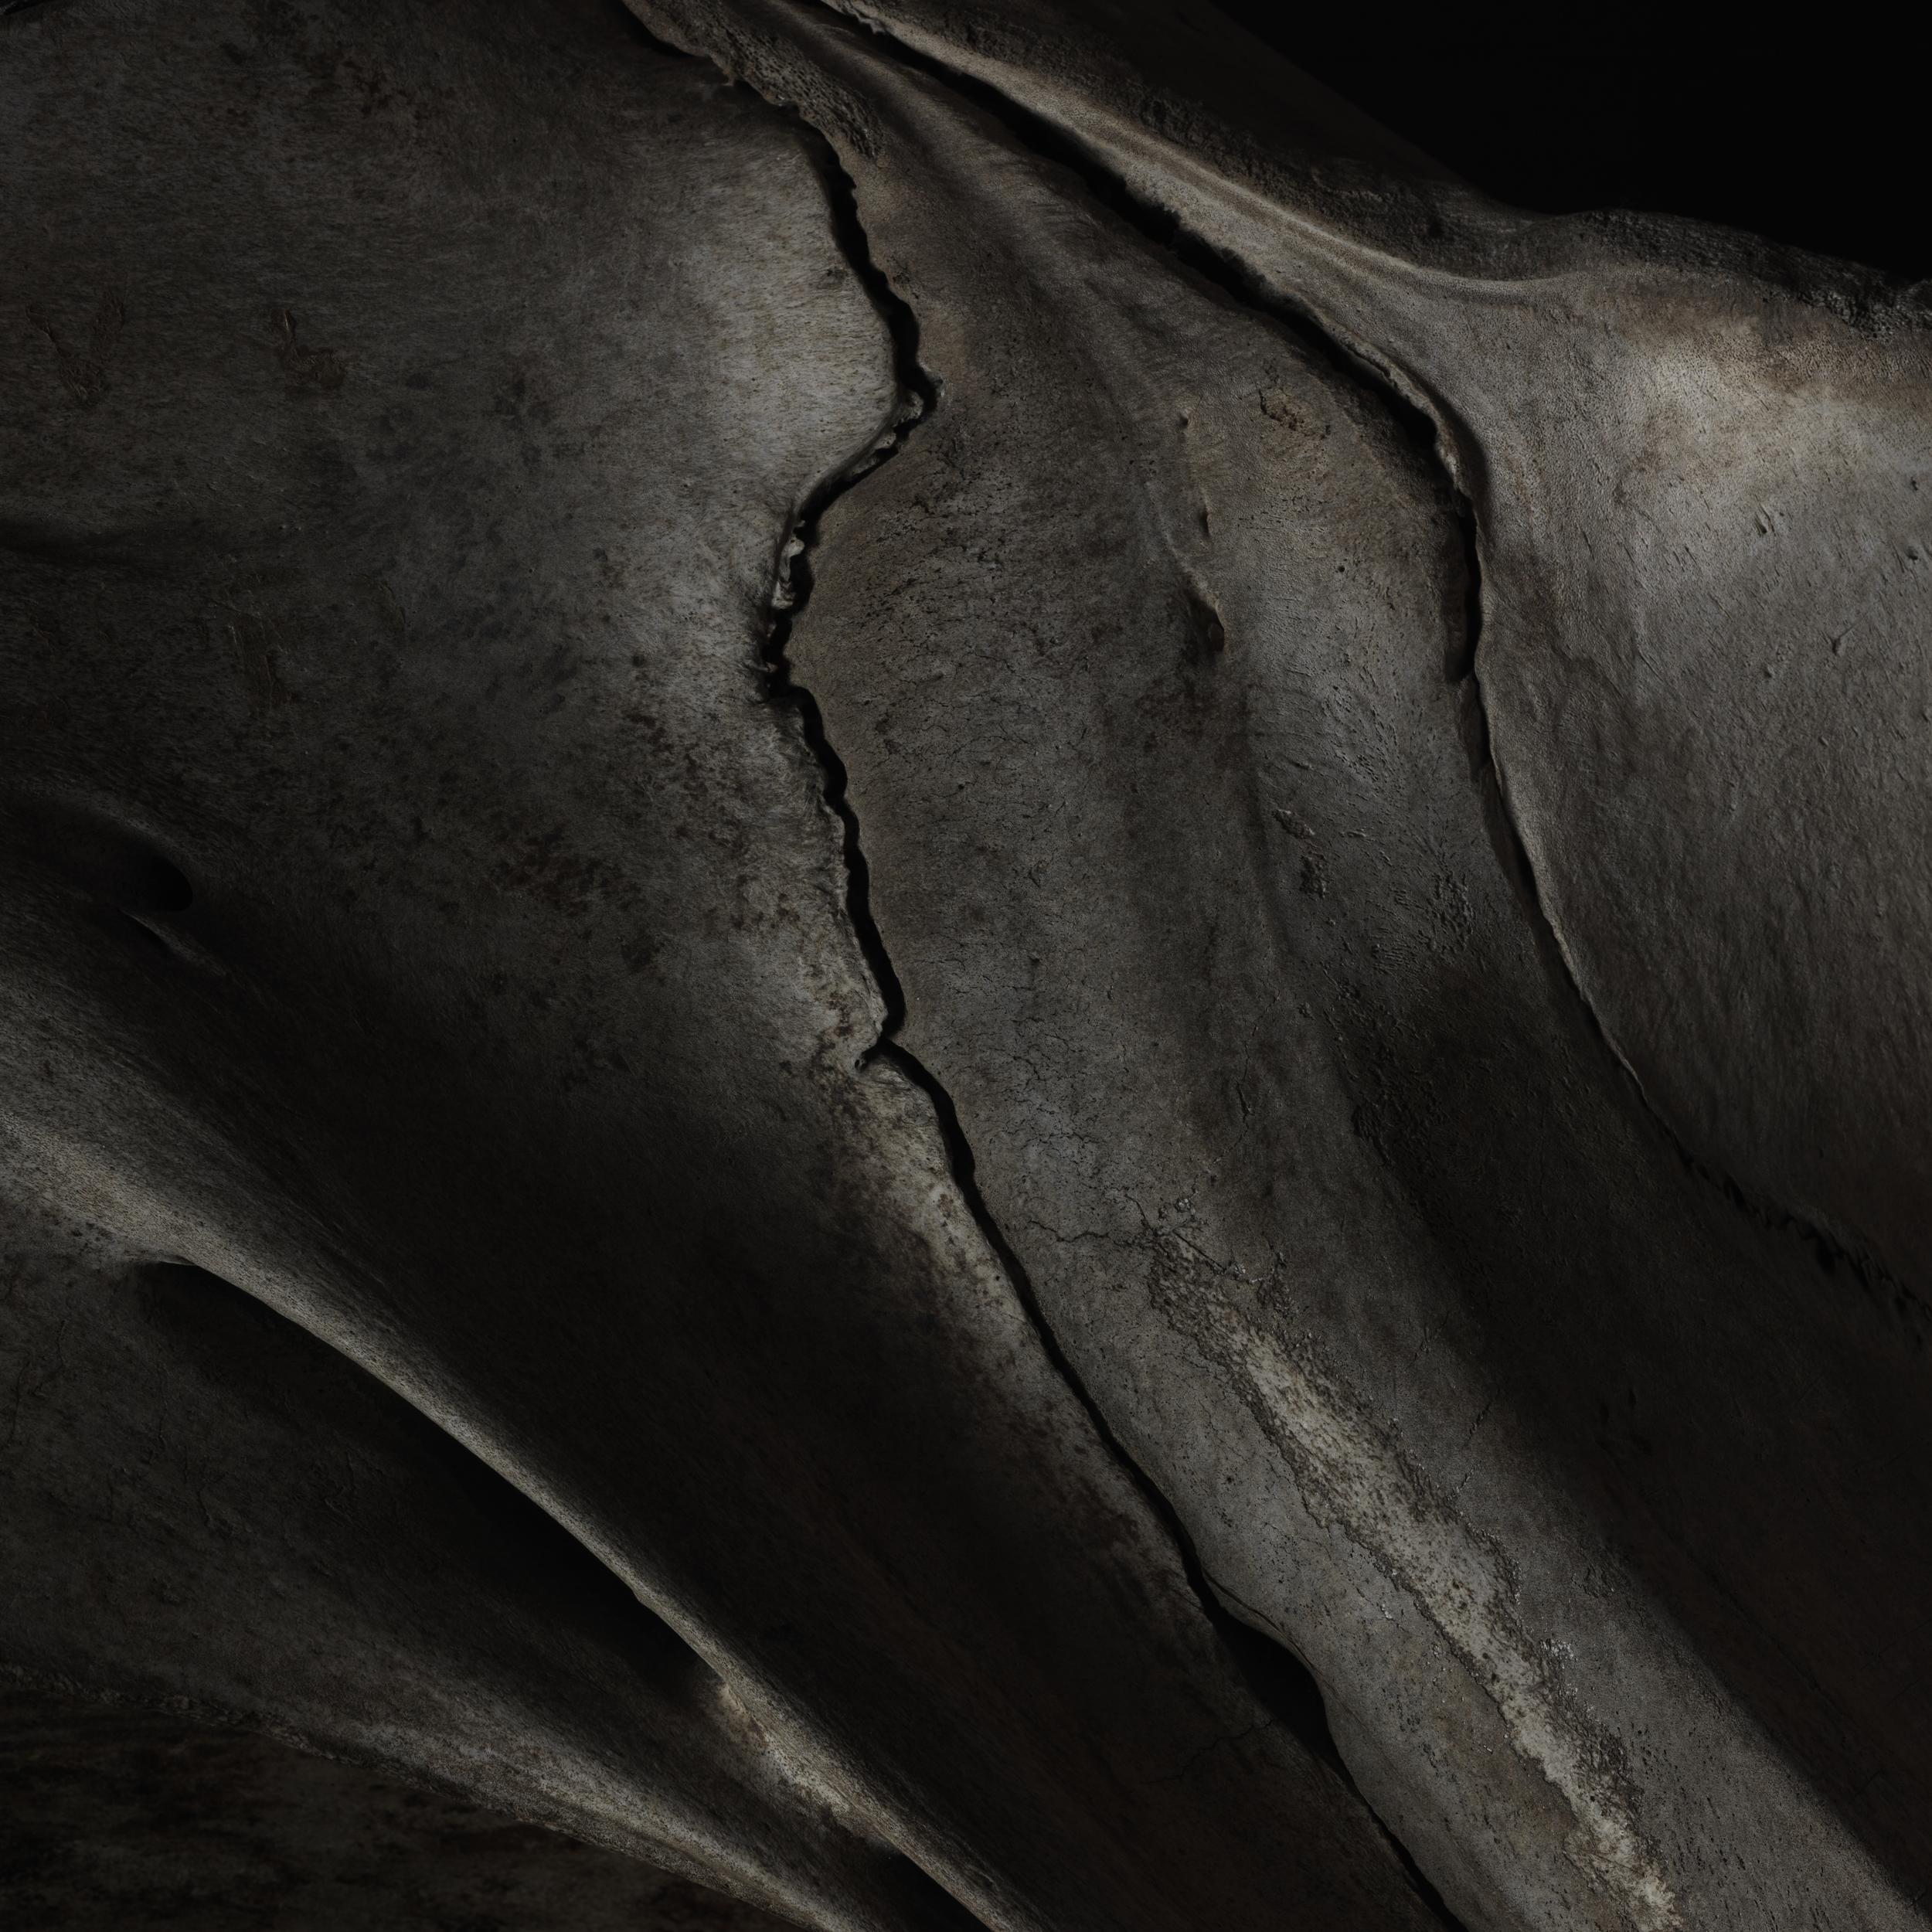 Whale bone #1